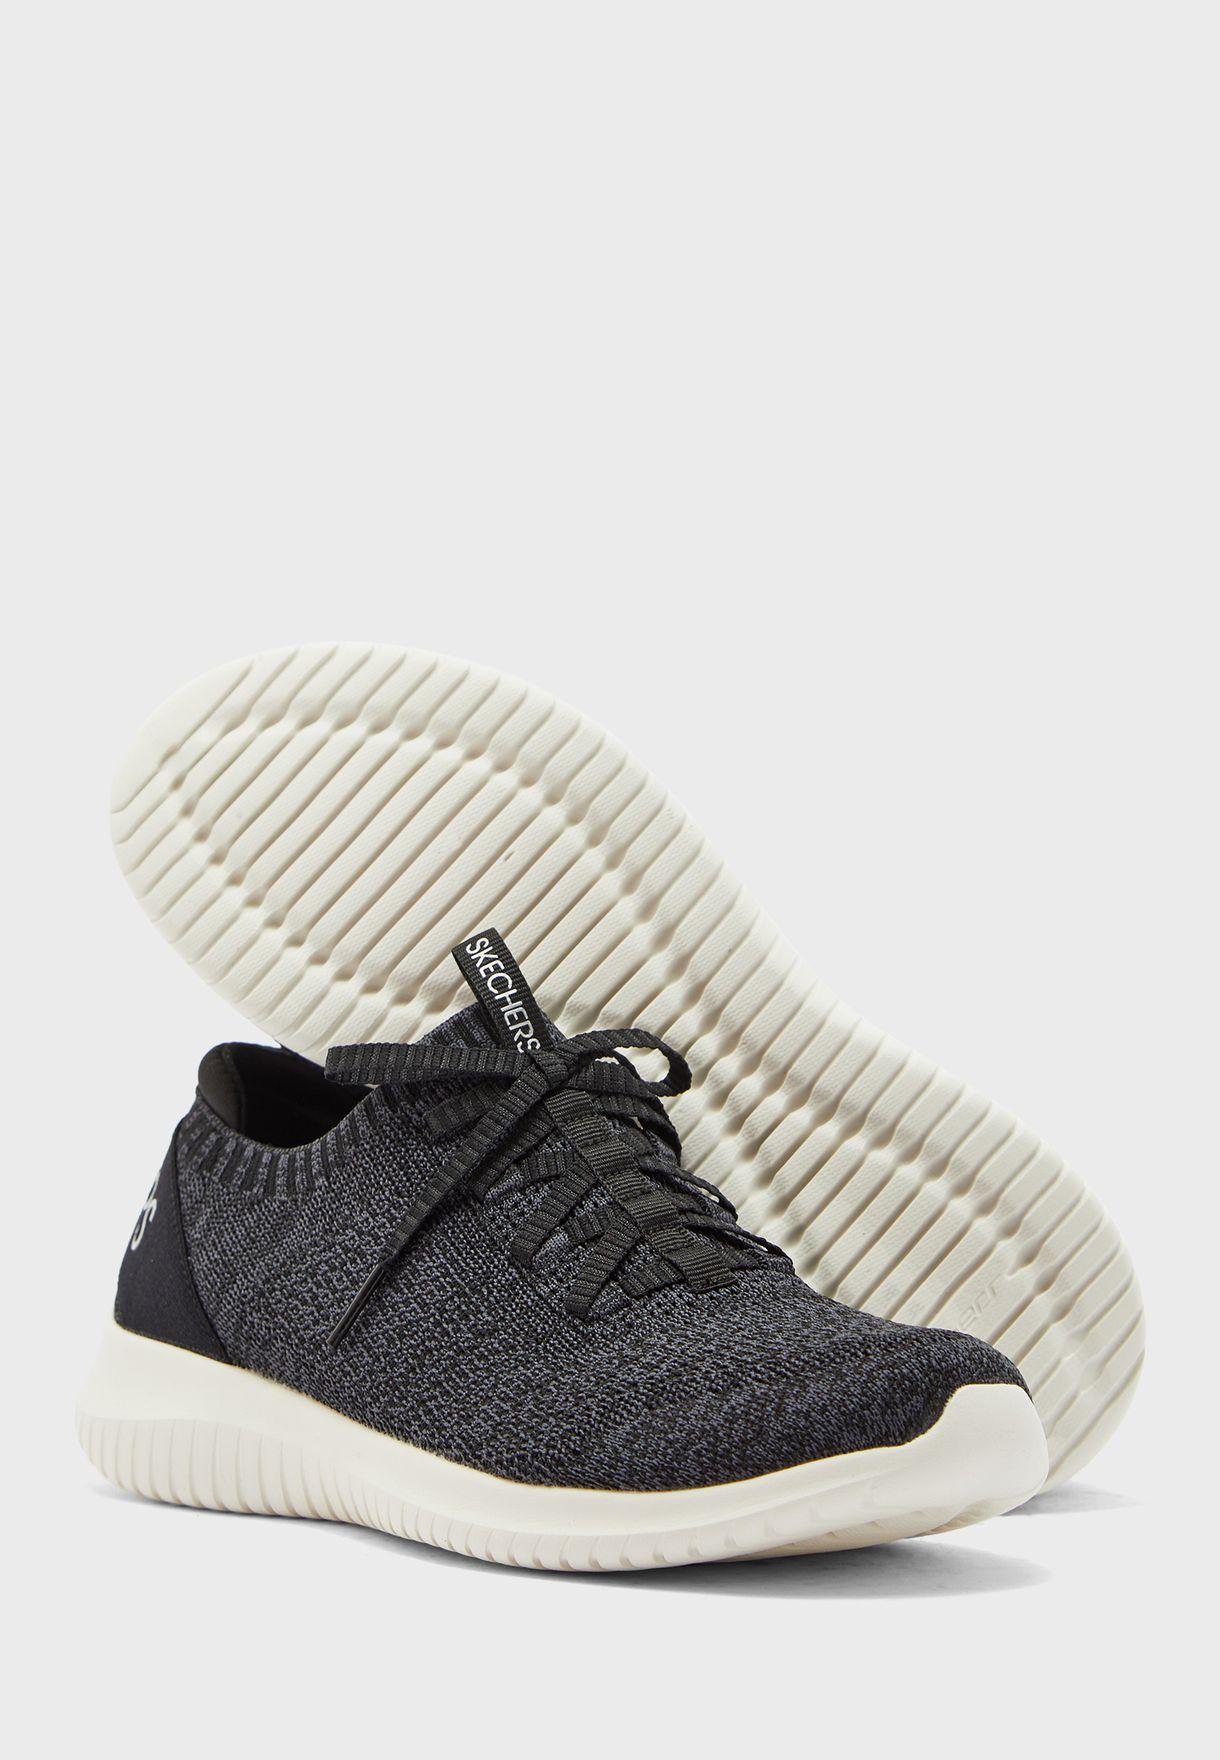 حذاء الترا فليكس - رابيد اتينشن